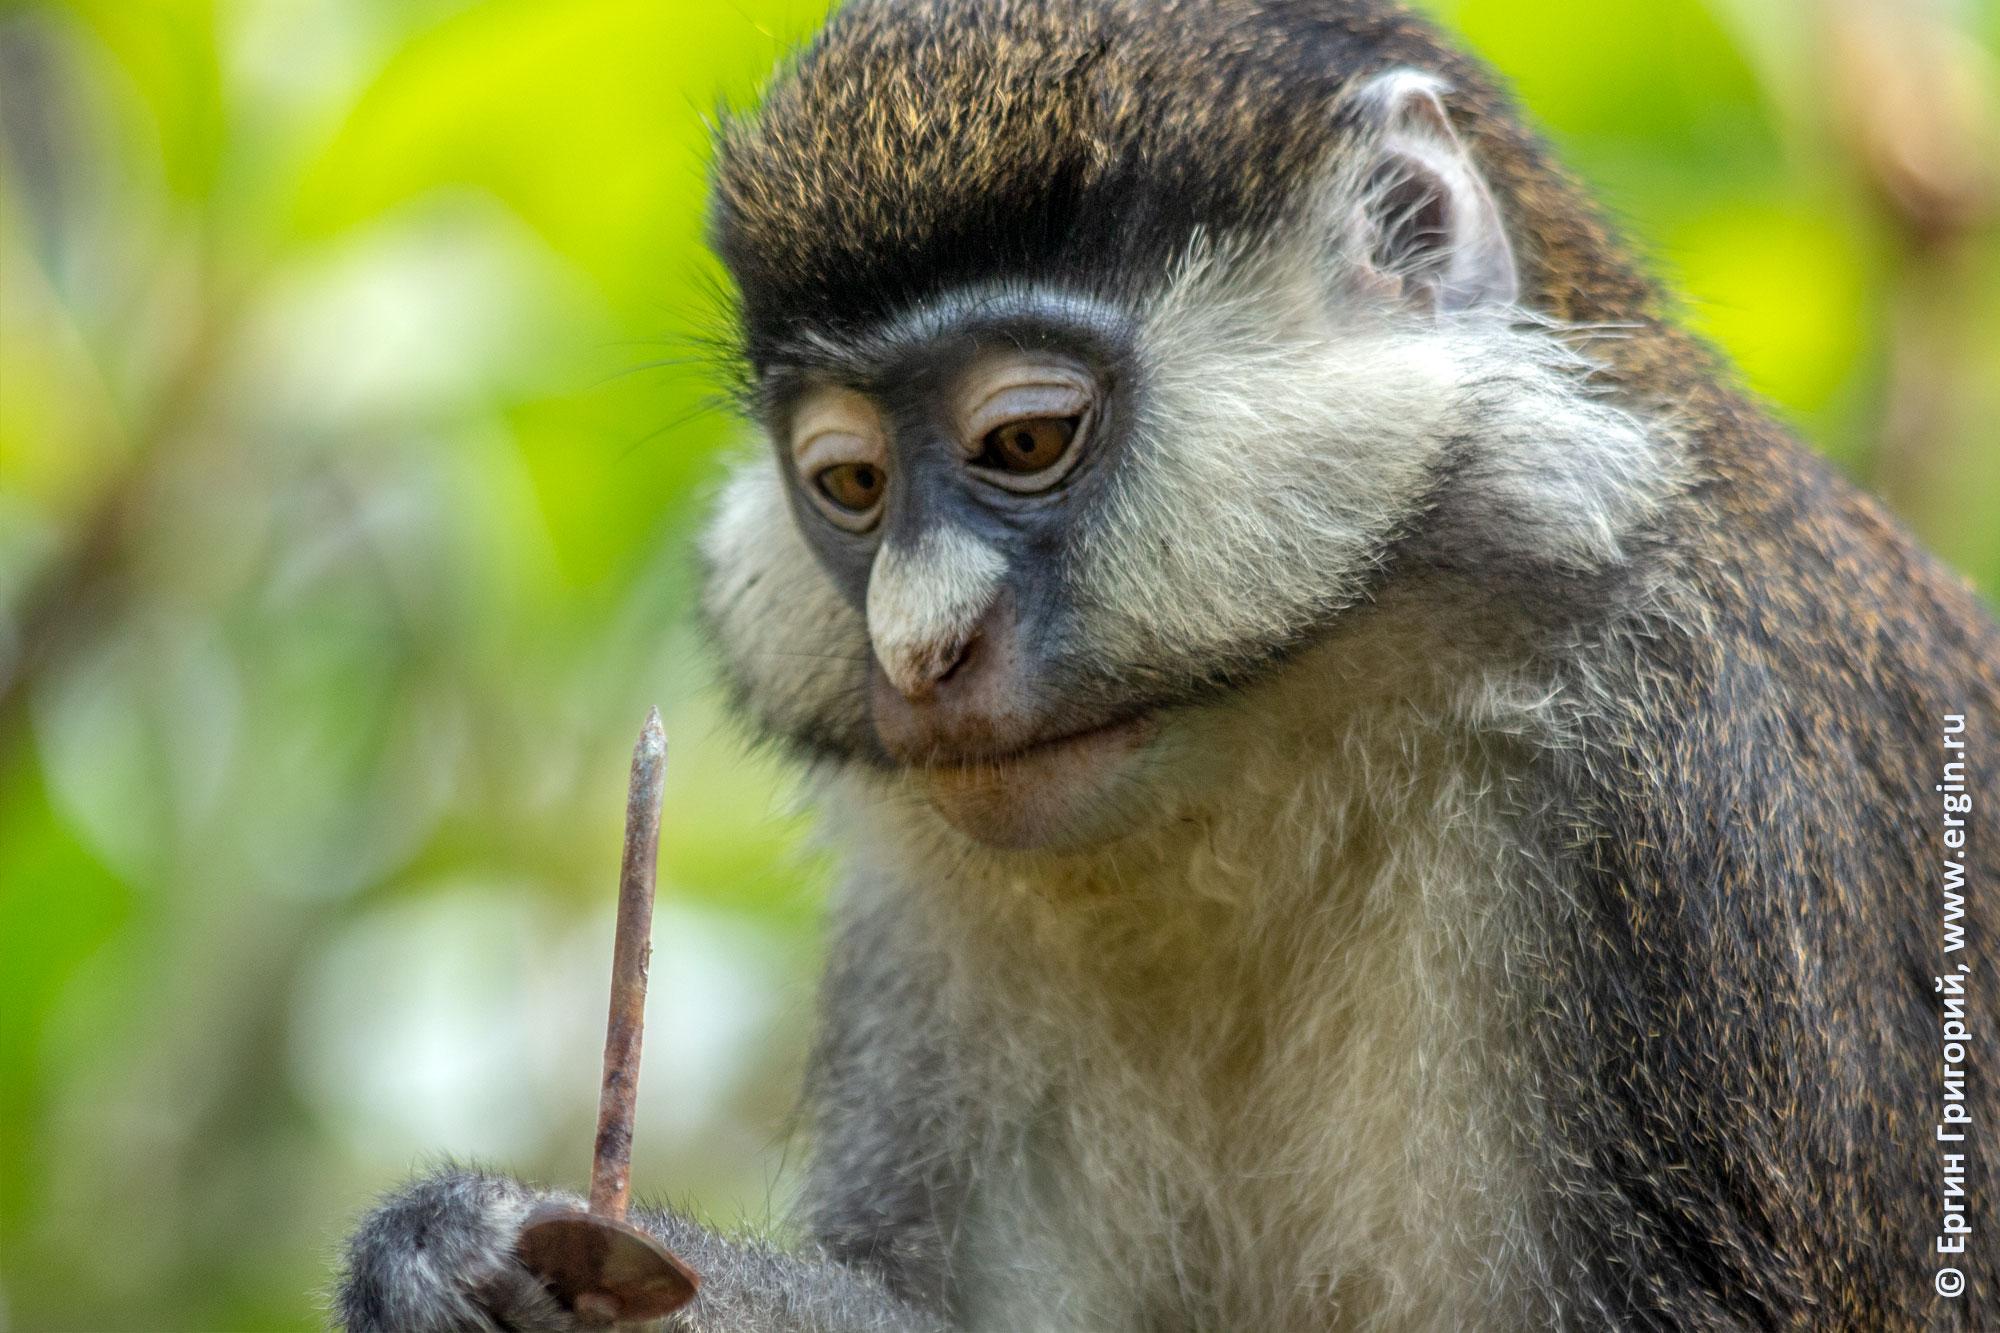 Краснохвостая мартышка обезьяна держит гвоздь Африка Уганда